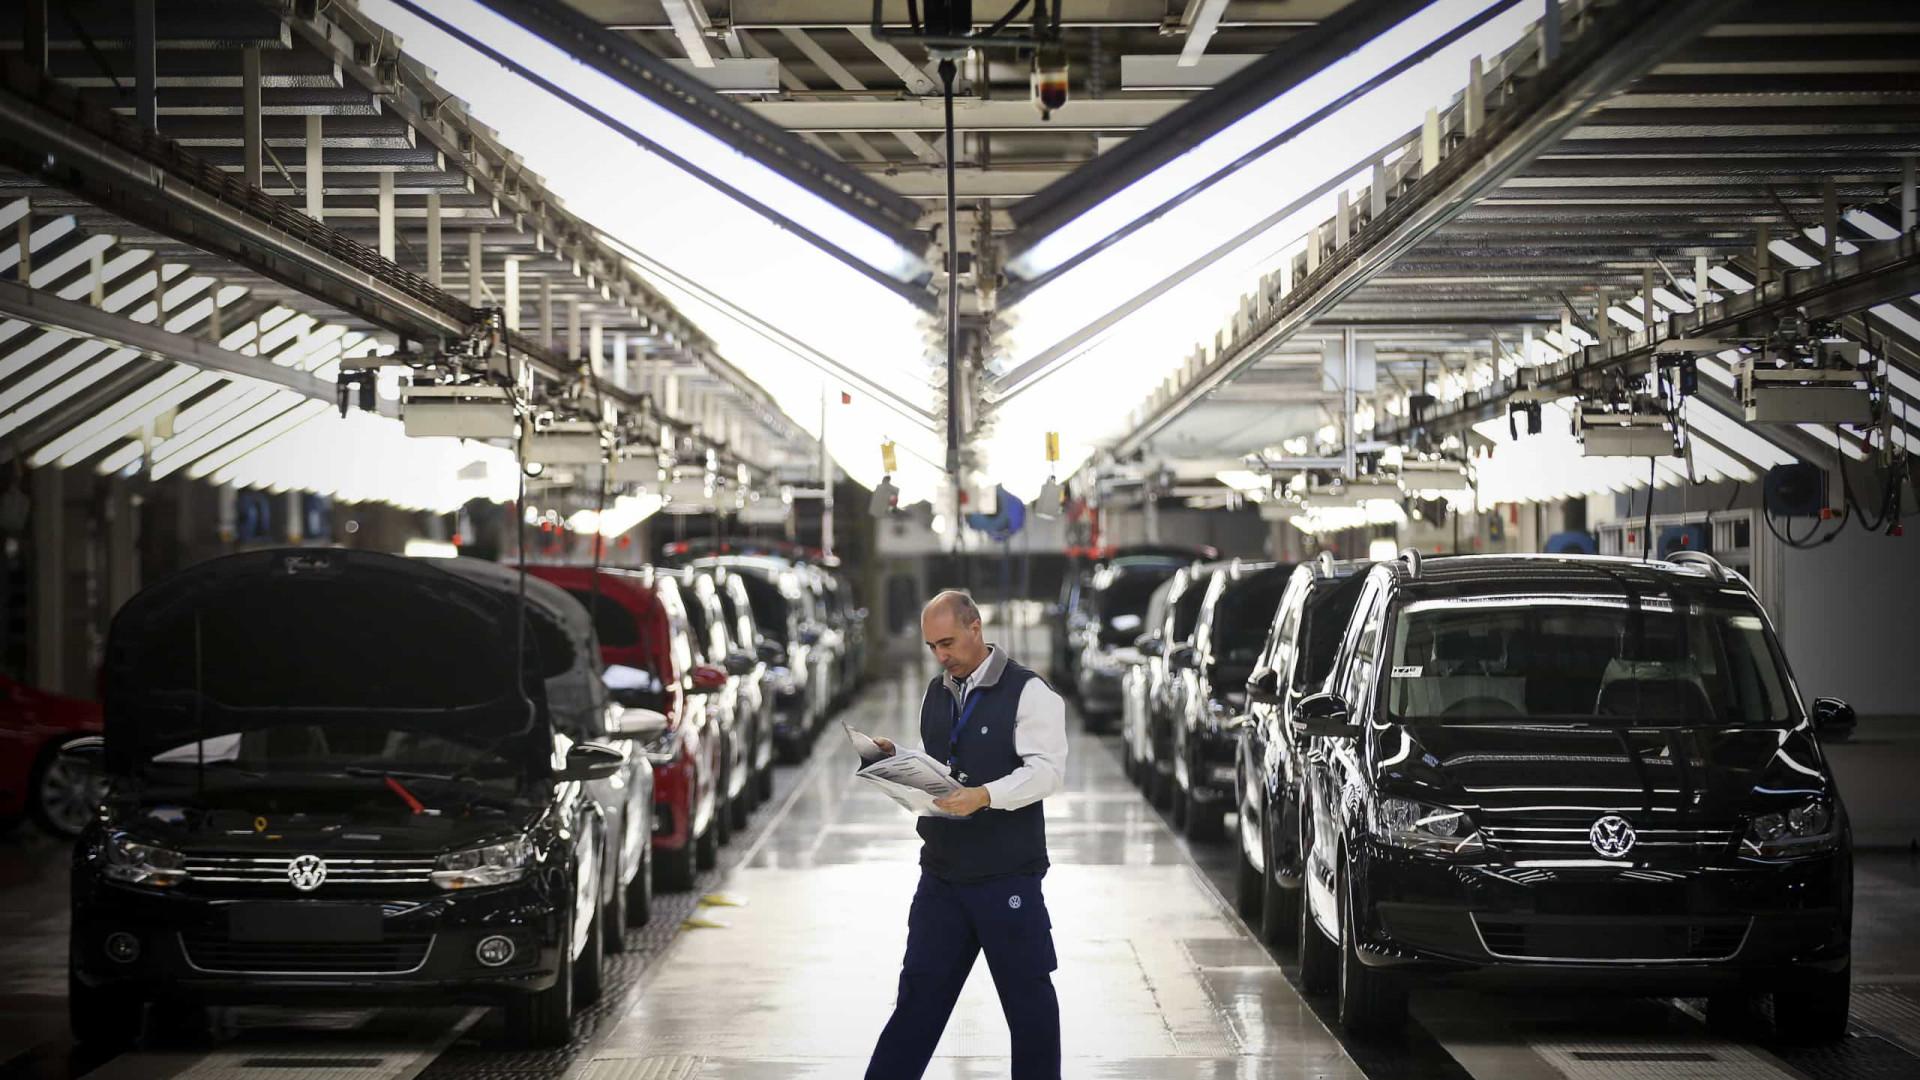 Trabalhadores da Autoeuropa entregam abaixo-assinado contra horários propostos pela gestão